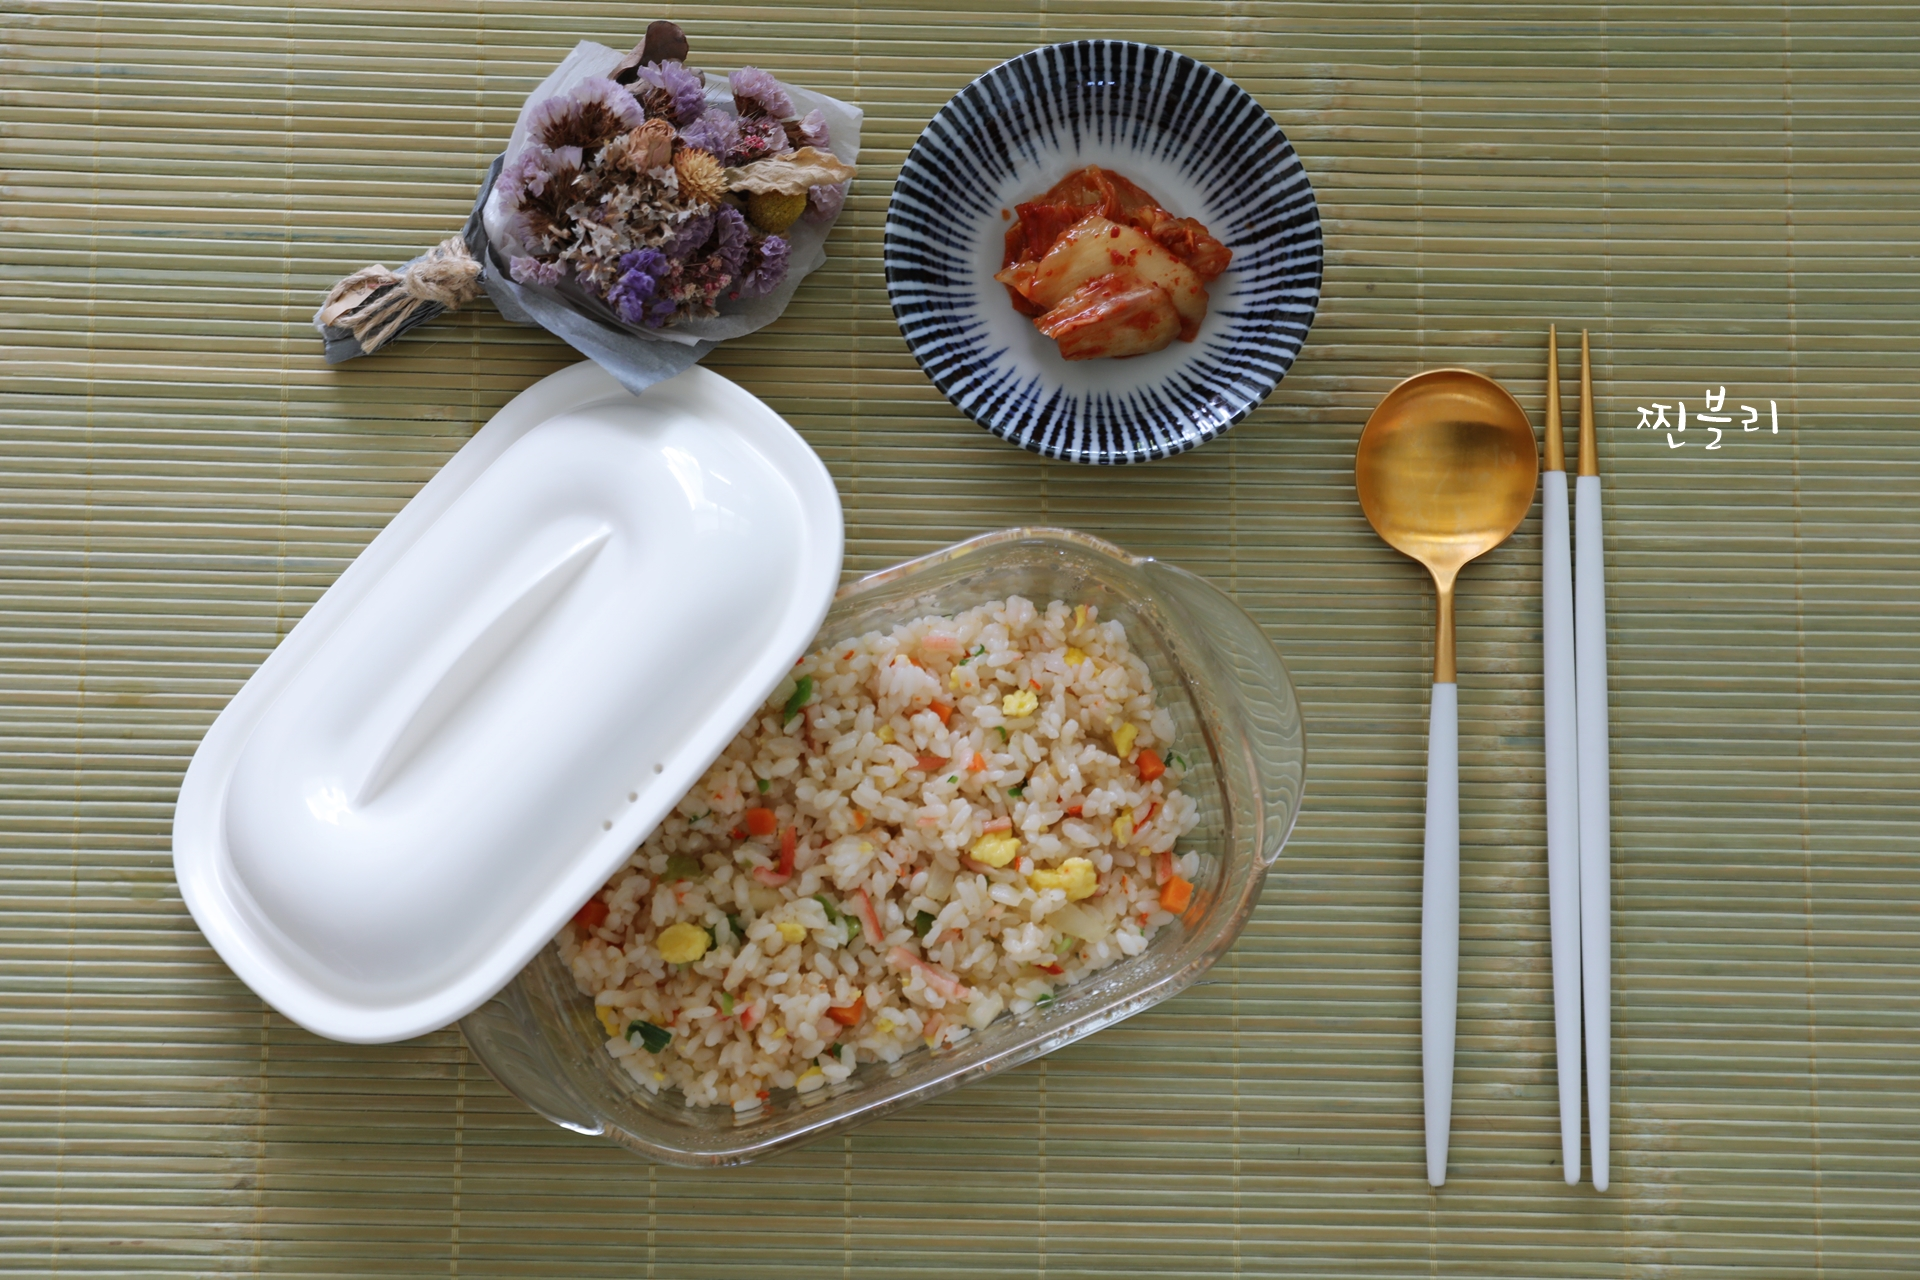 전자레인지용기 간편식 냉동볶음밥도 한번에 먹자!